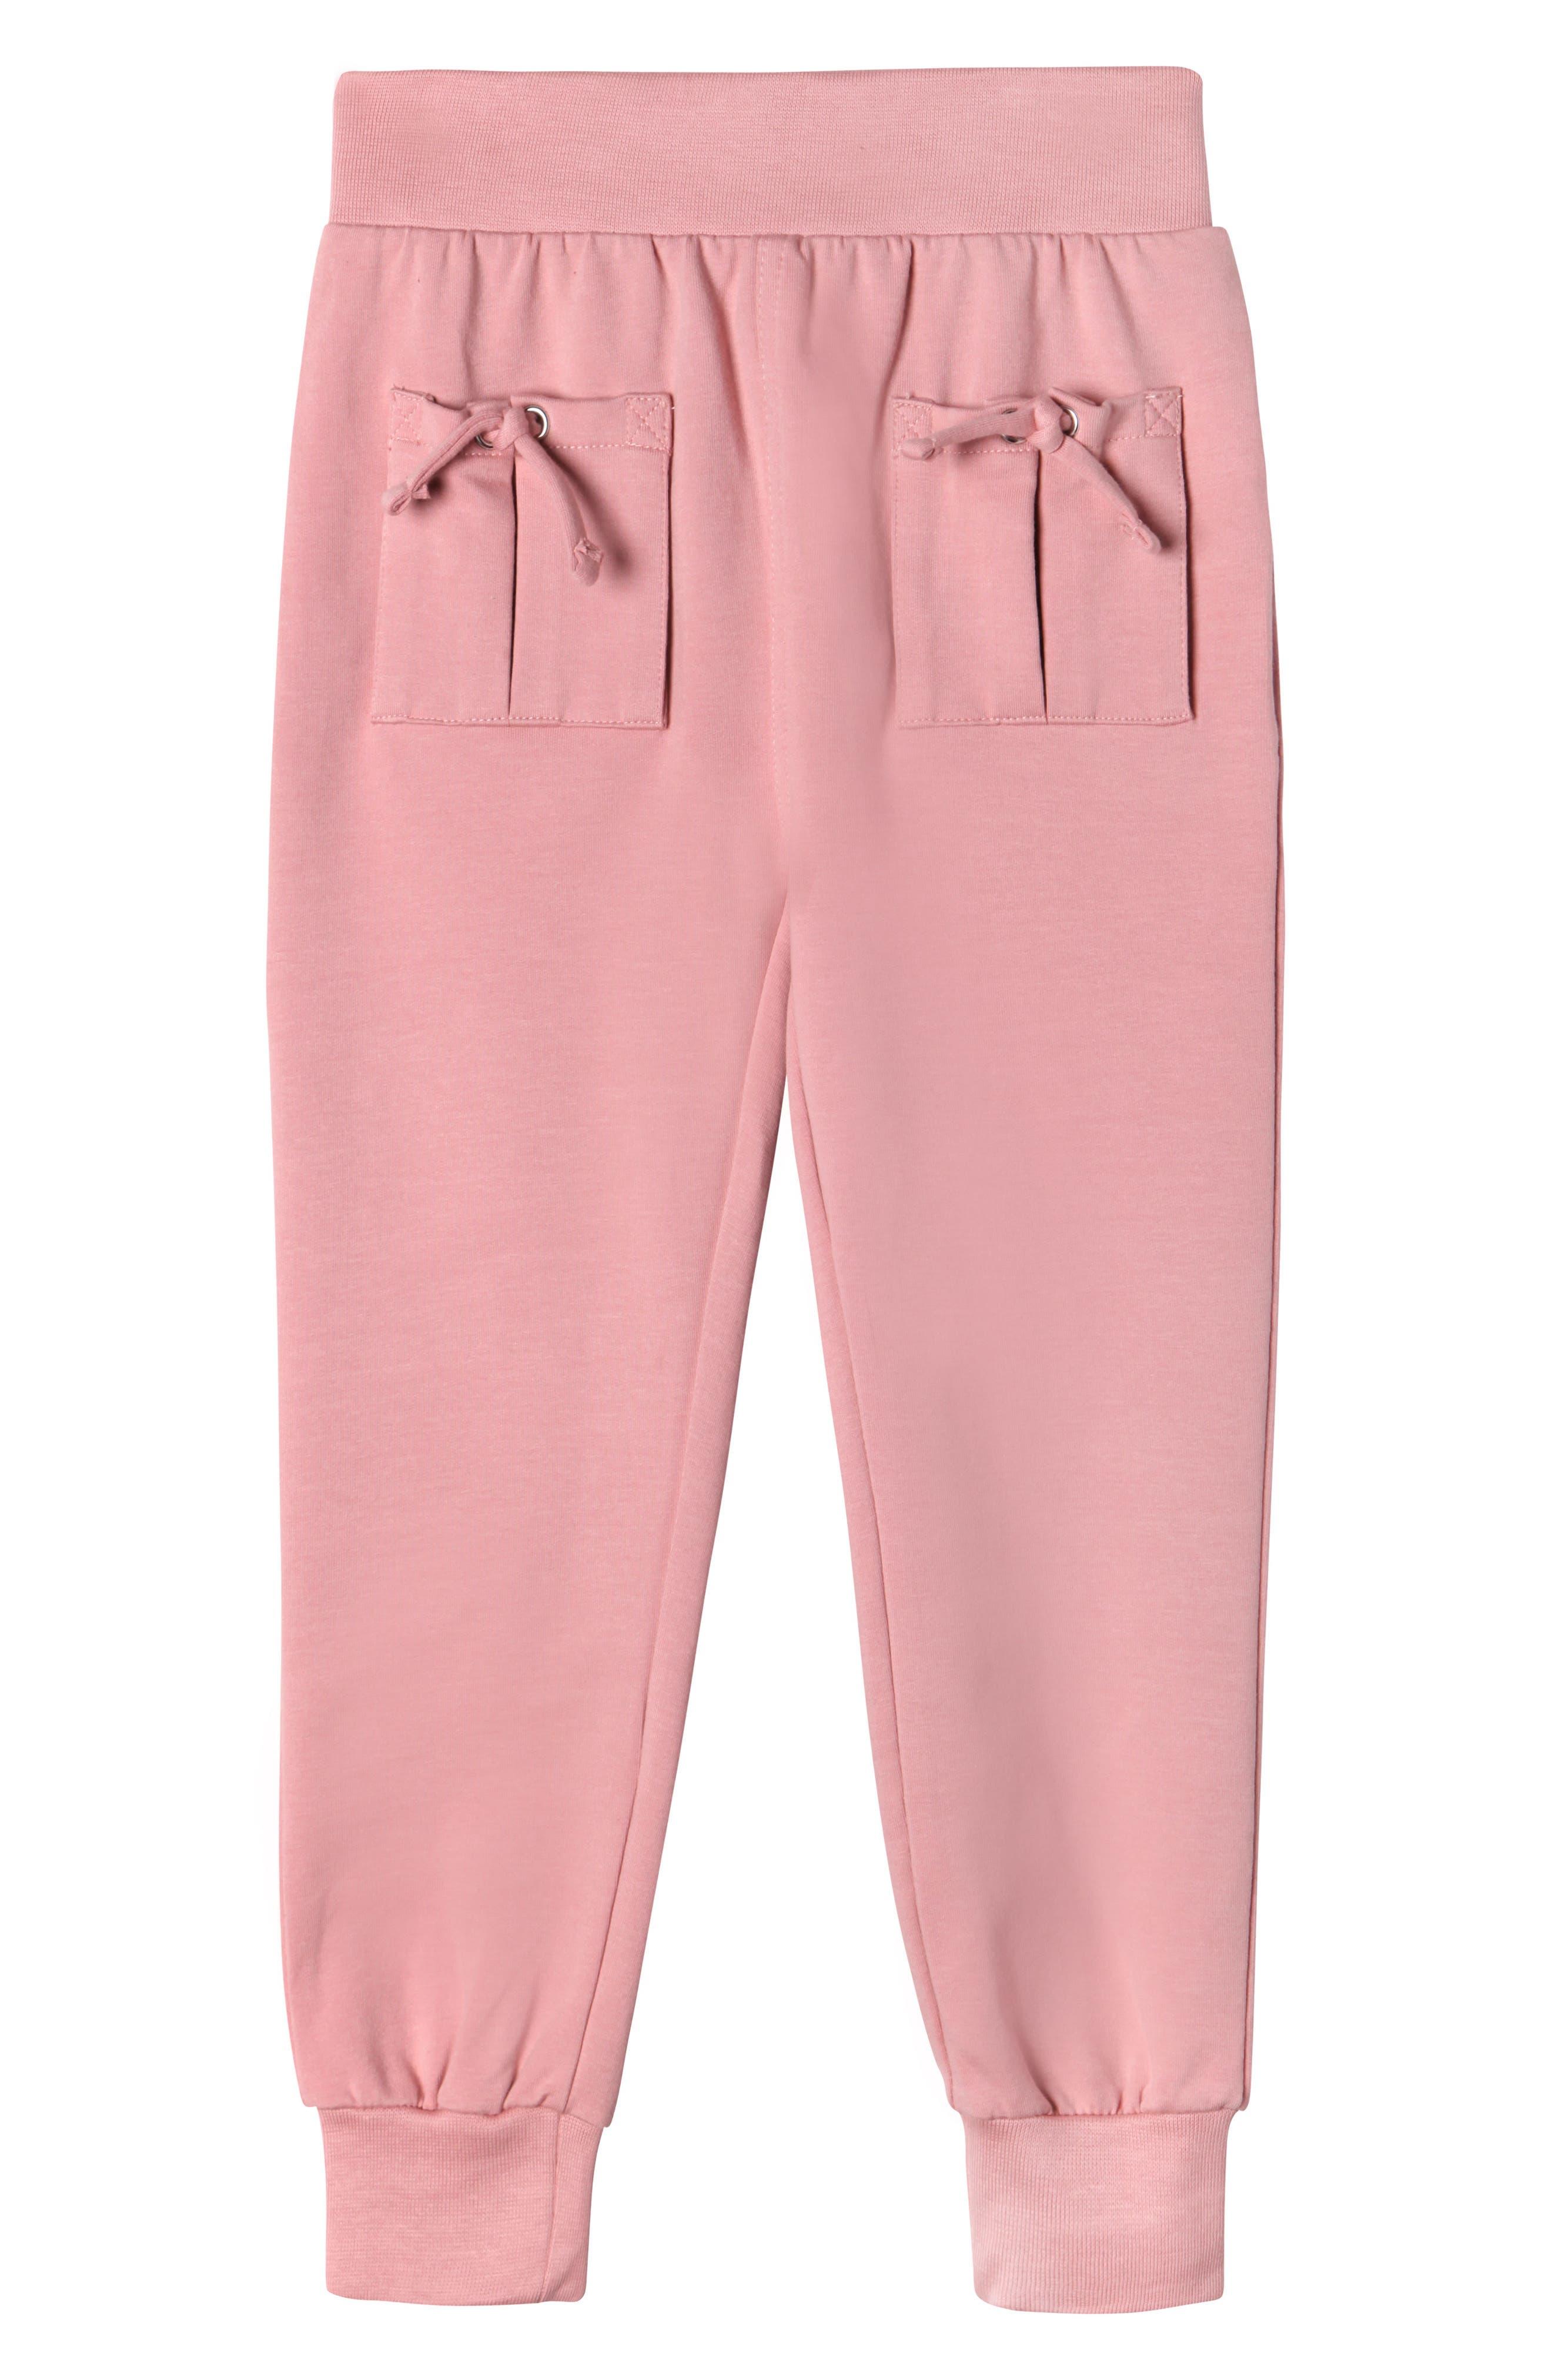 Aubrey Tie Pocket Sweatpants,                         Main,                         color, 680